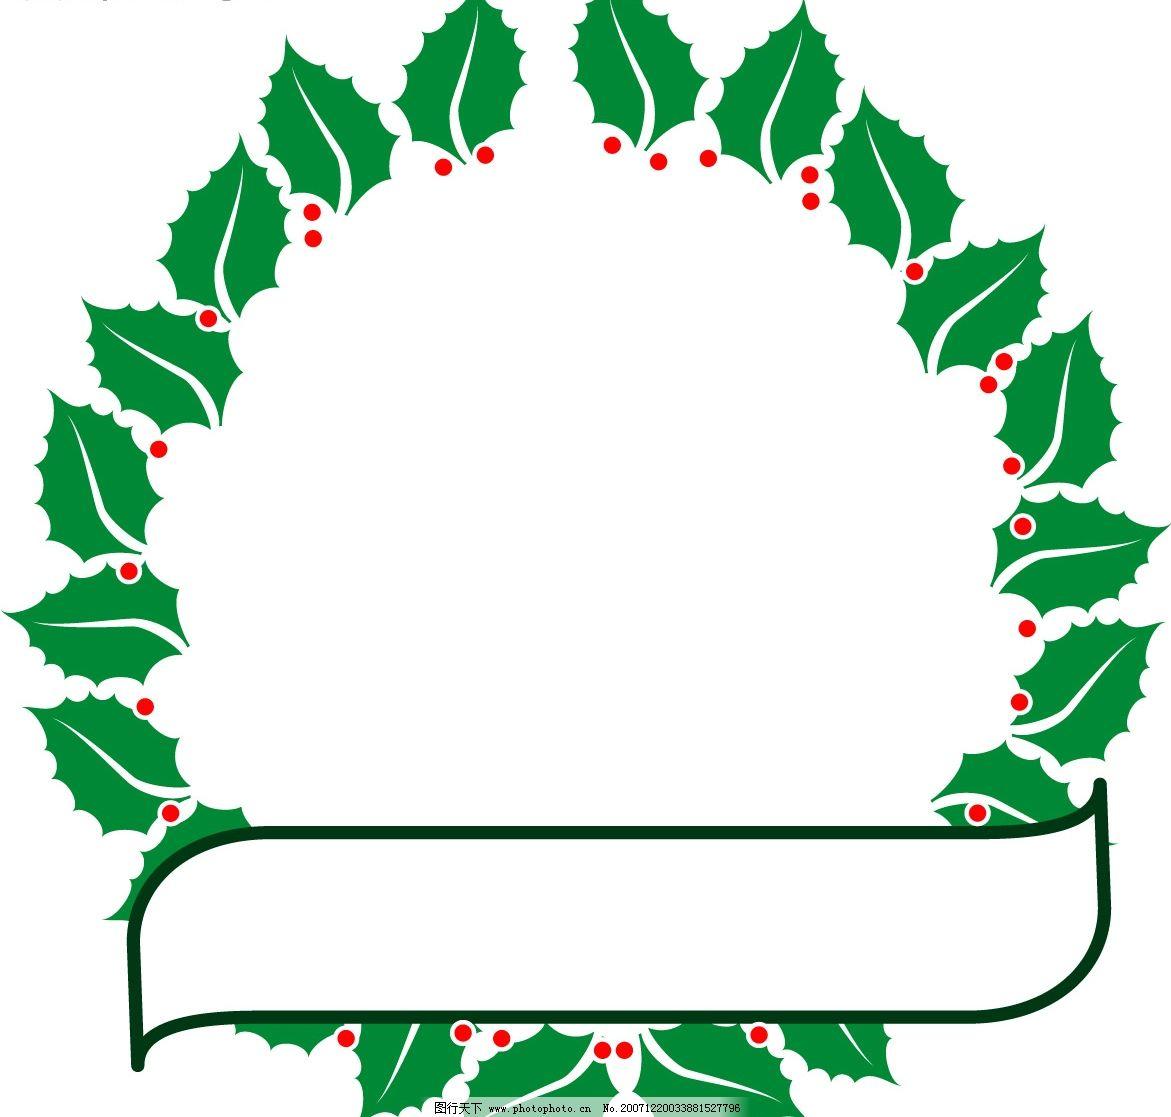 圣诞专区 节日 圣诞 其他矢量 矢量素材 矢量图库   eps